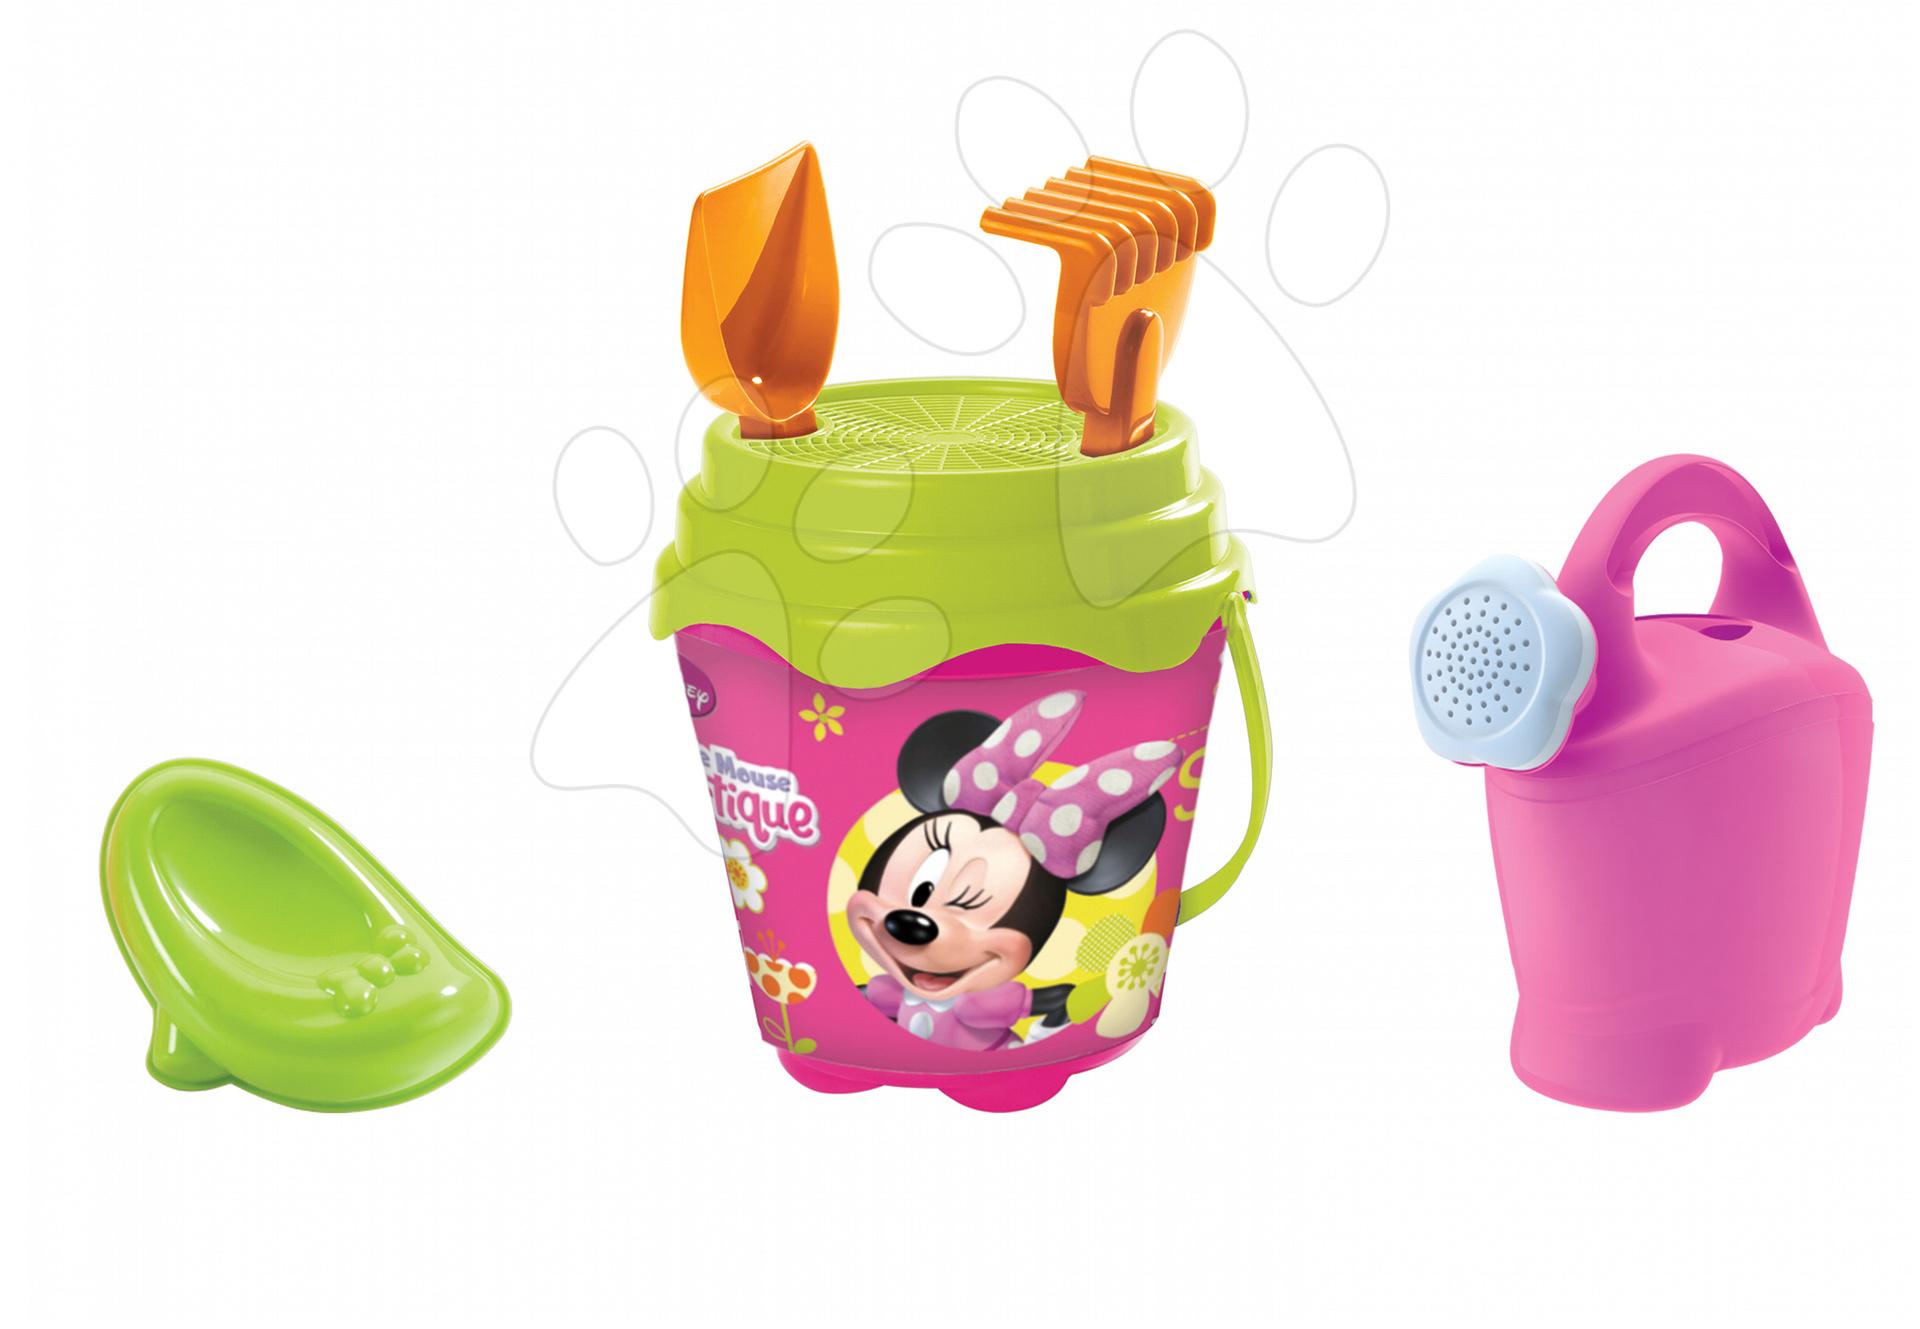 Găleți pentru nisip - Set găleată pentru nisipar Mondo cu stropitoare Minnie Mouse cu 7 accesorii (cu înălţime de 14 cm) de la 18 luni